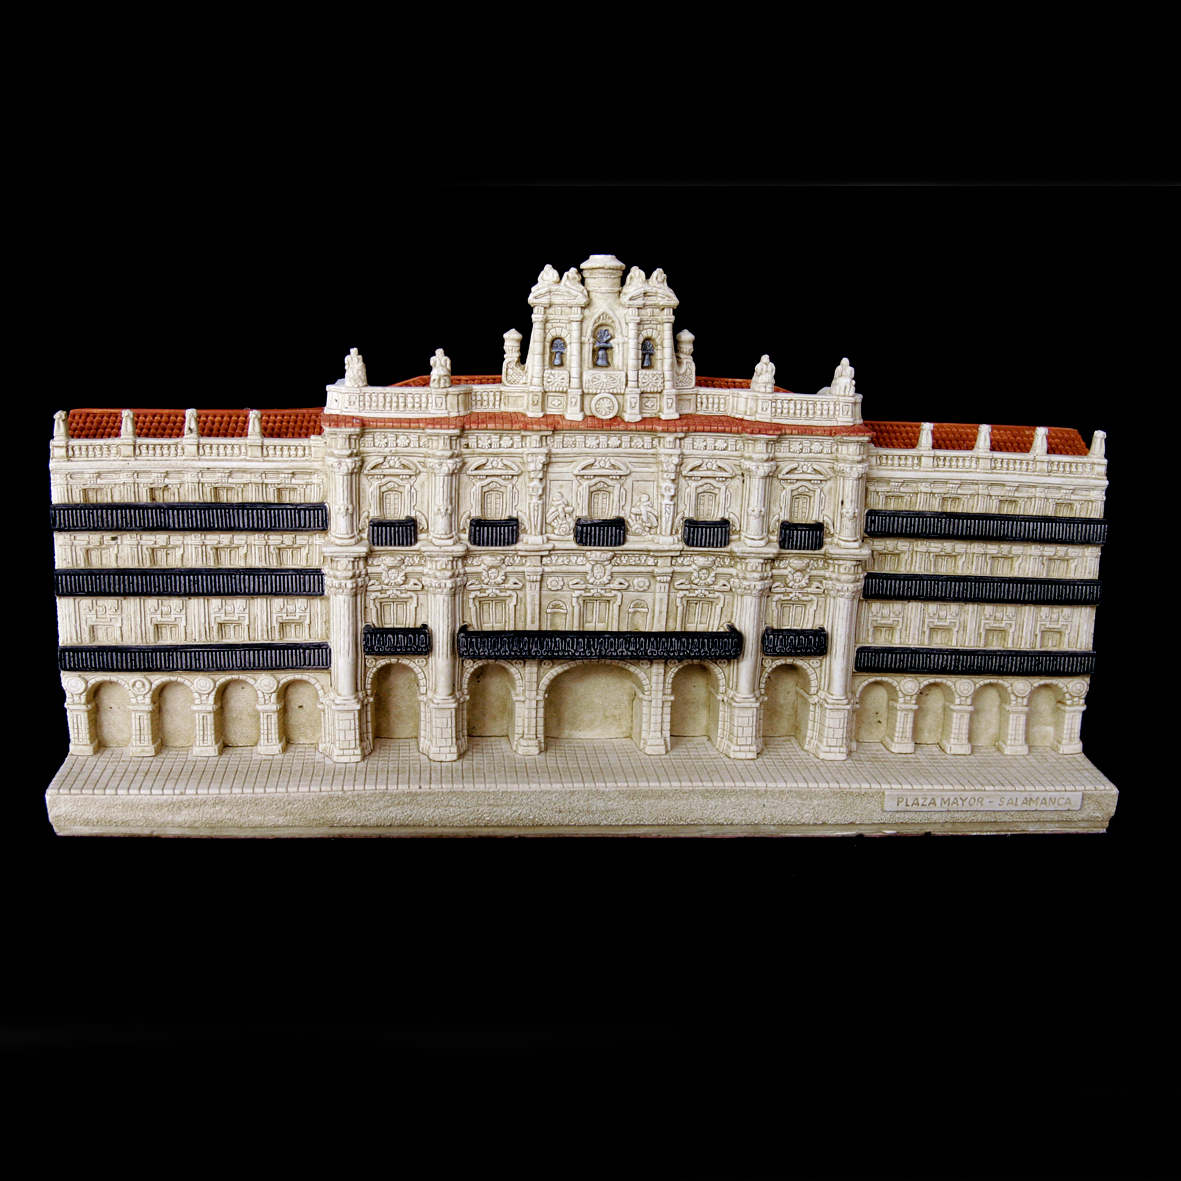 Plaza Mayor con la Fachada del Reloj de Salamanca (Salamanca) (Grande)